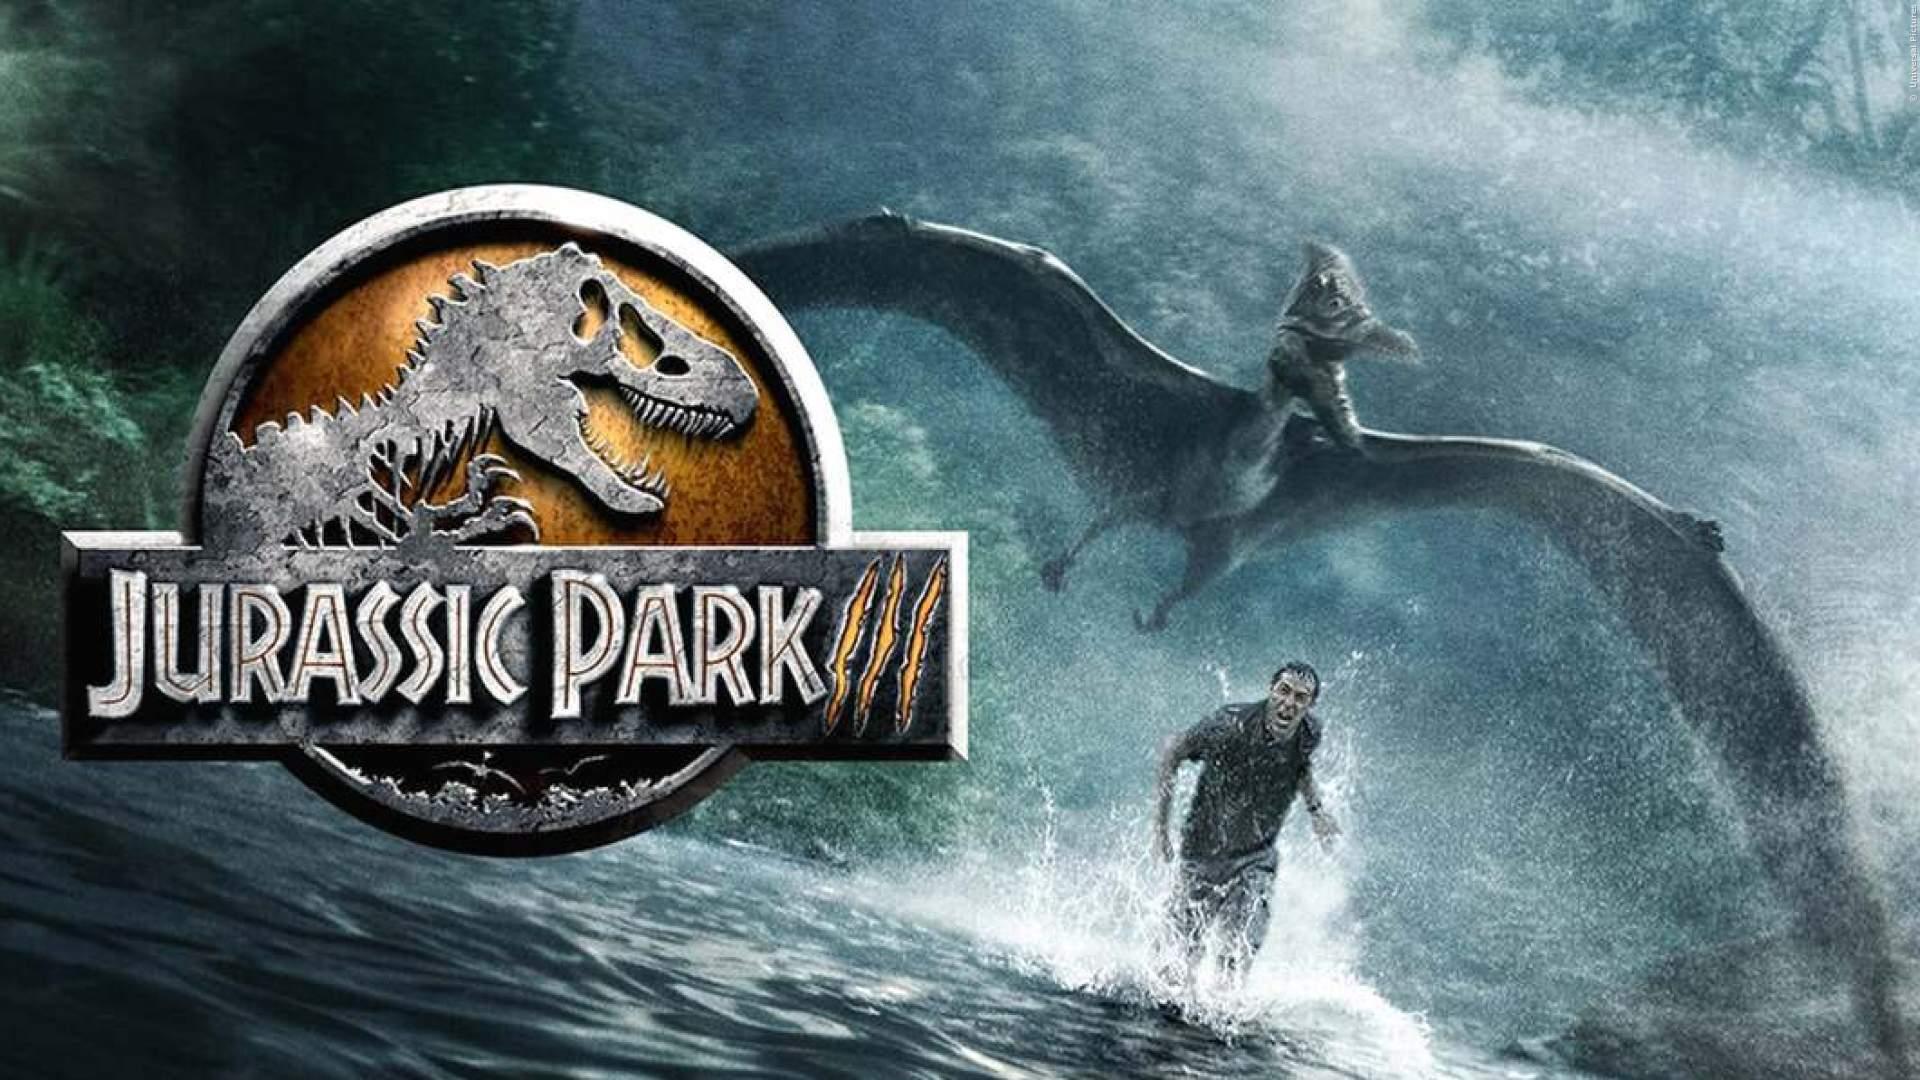 Jurassic Park 3 Trailer - FILM.TV